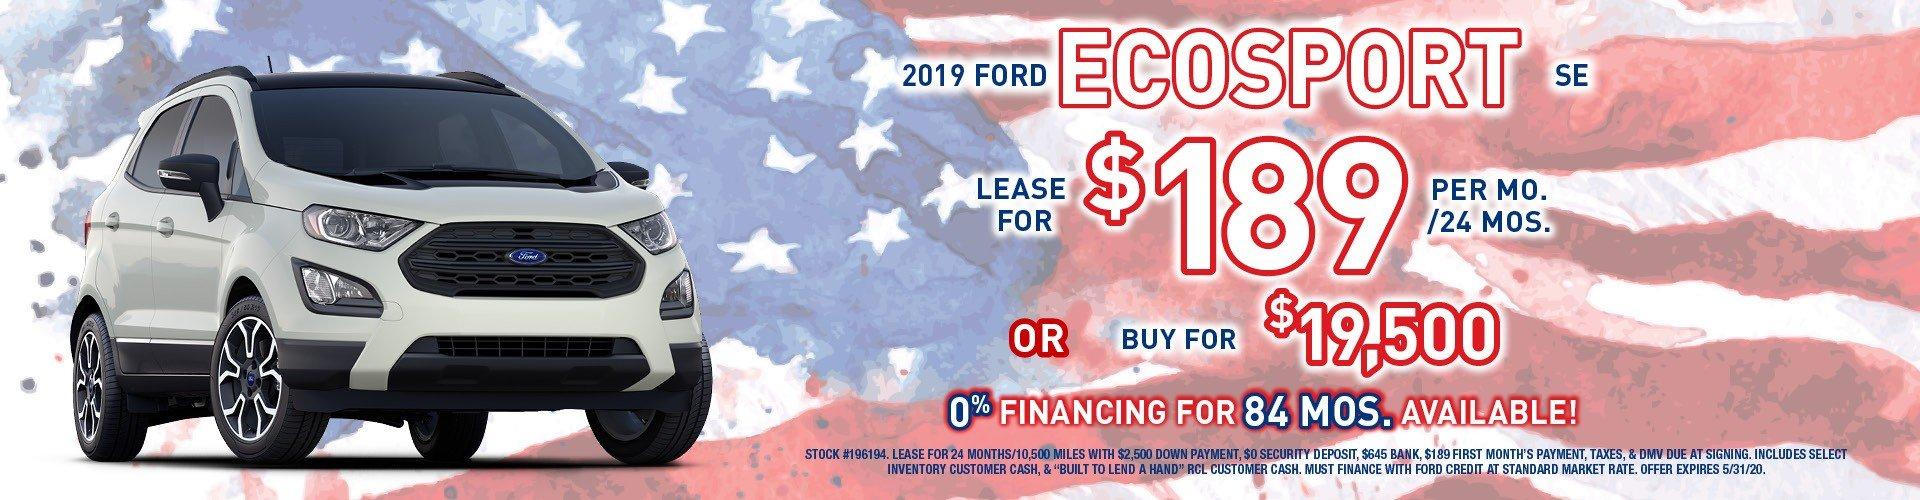 ecosport banner